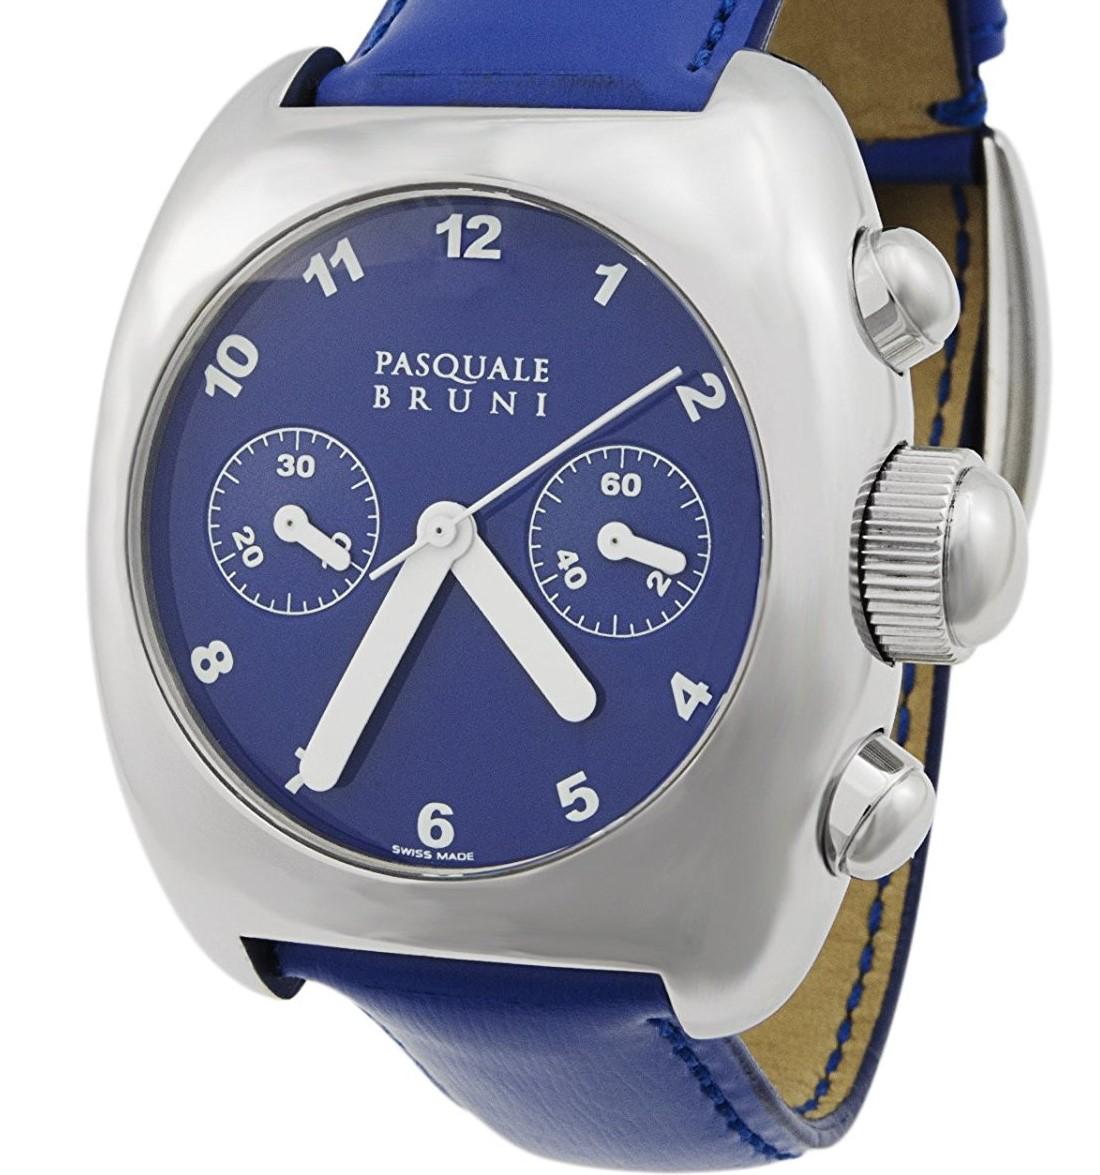 新品 パスクワーレ ブルーニ UOMO クロノグラフ 自動巻き 定価46万円 メンズ腕時計 ブルー文字盤 ブルーレザー PASQUALE BRUNI